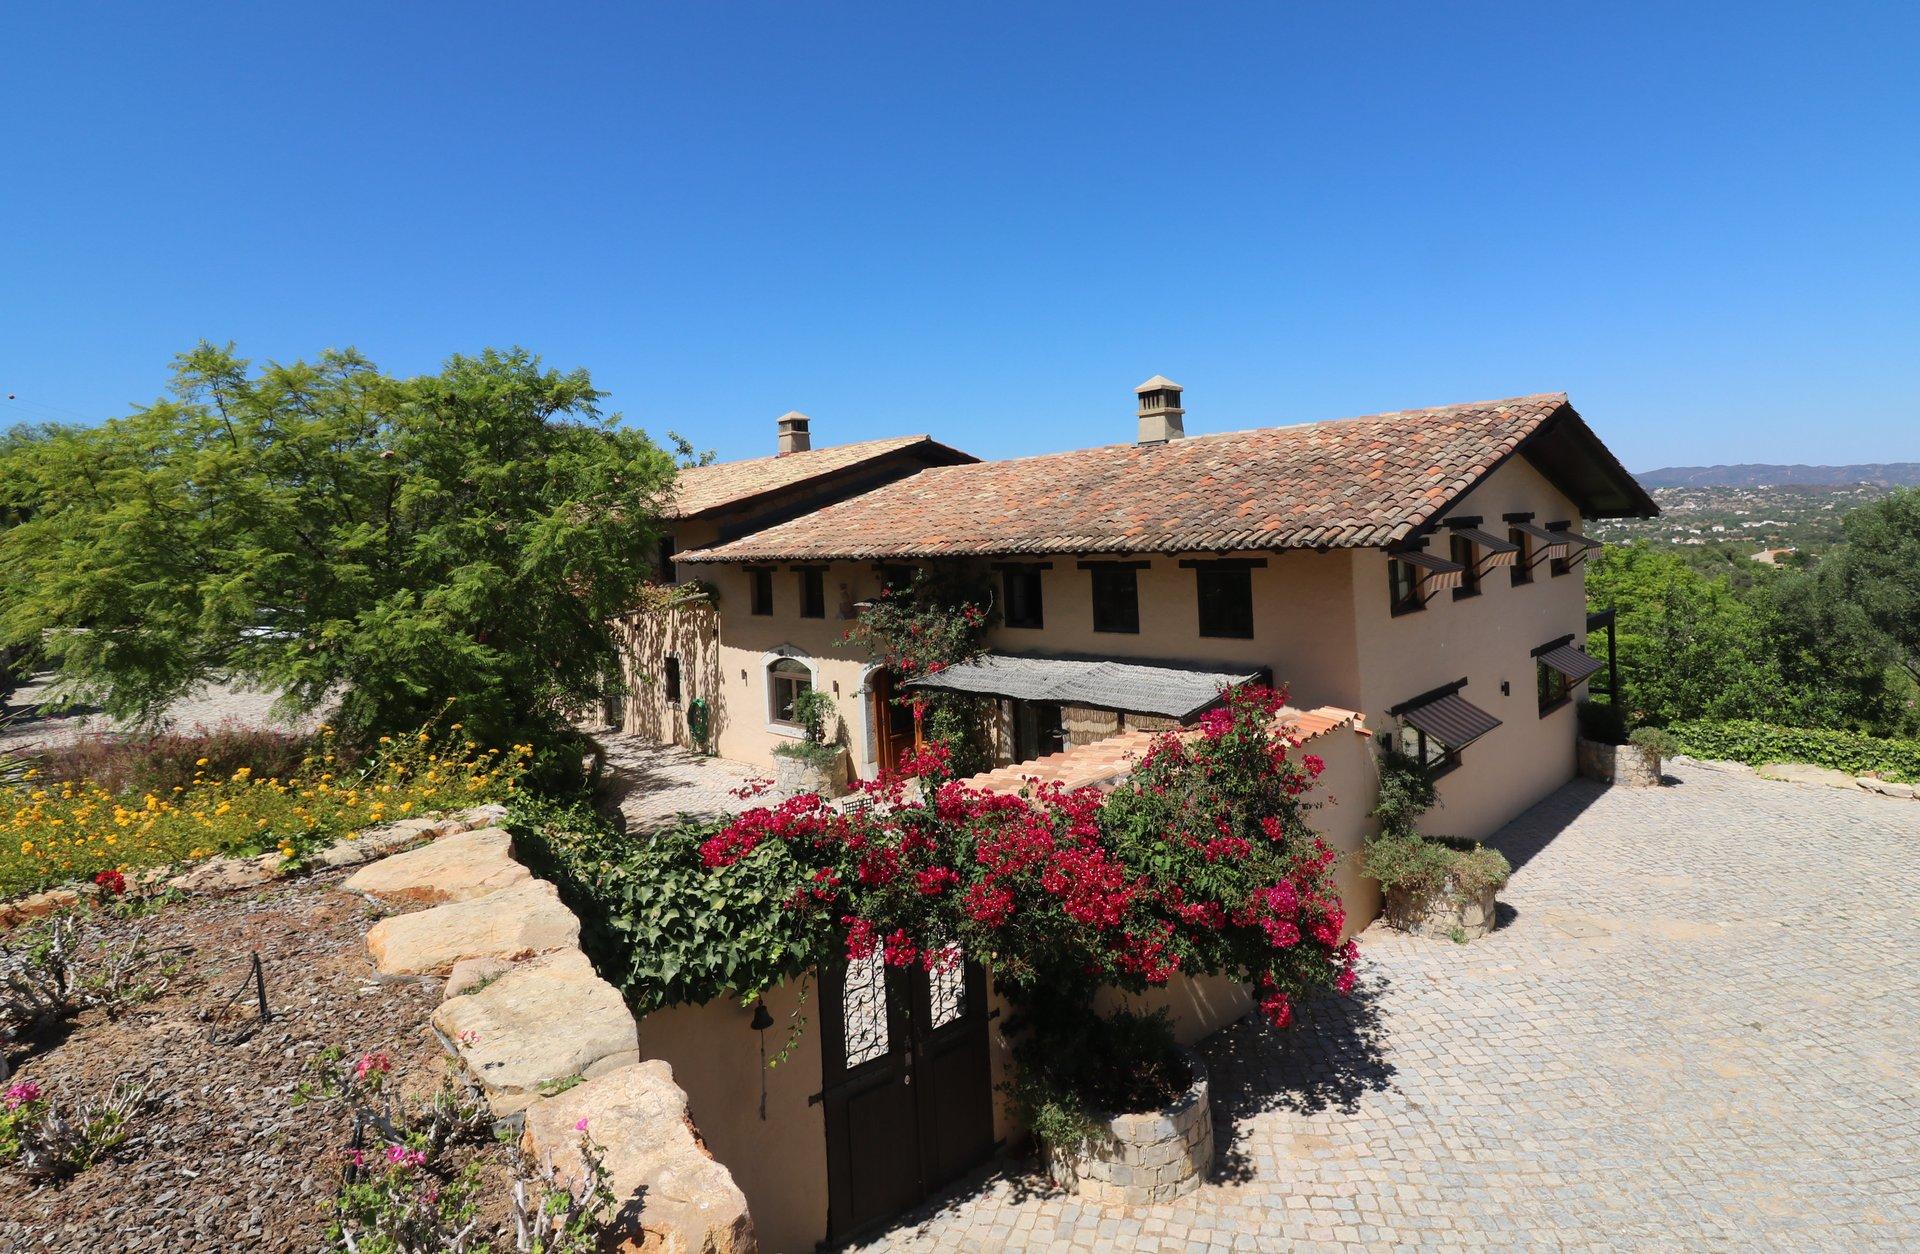 4 Bedroom House Estoi, Central Algarve Ref: JV10465